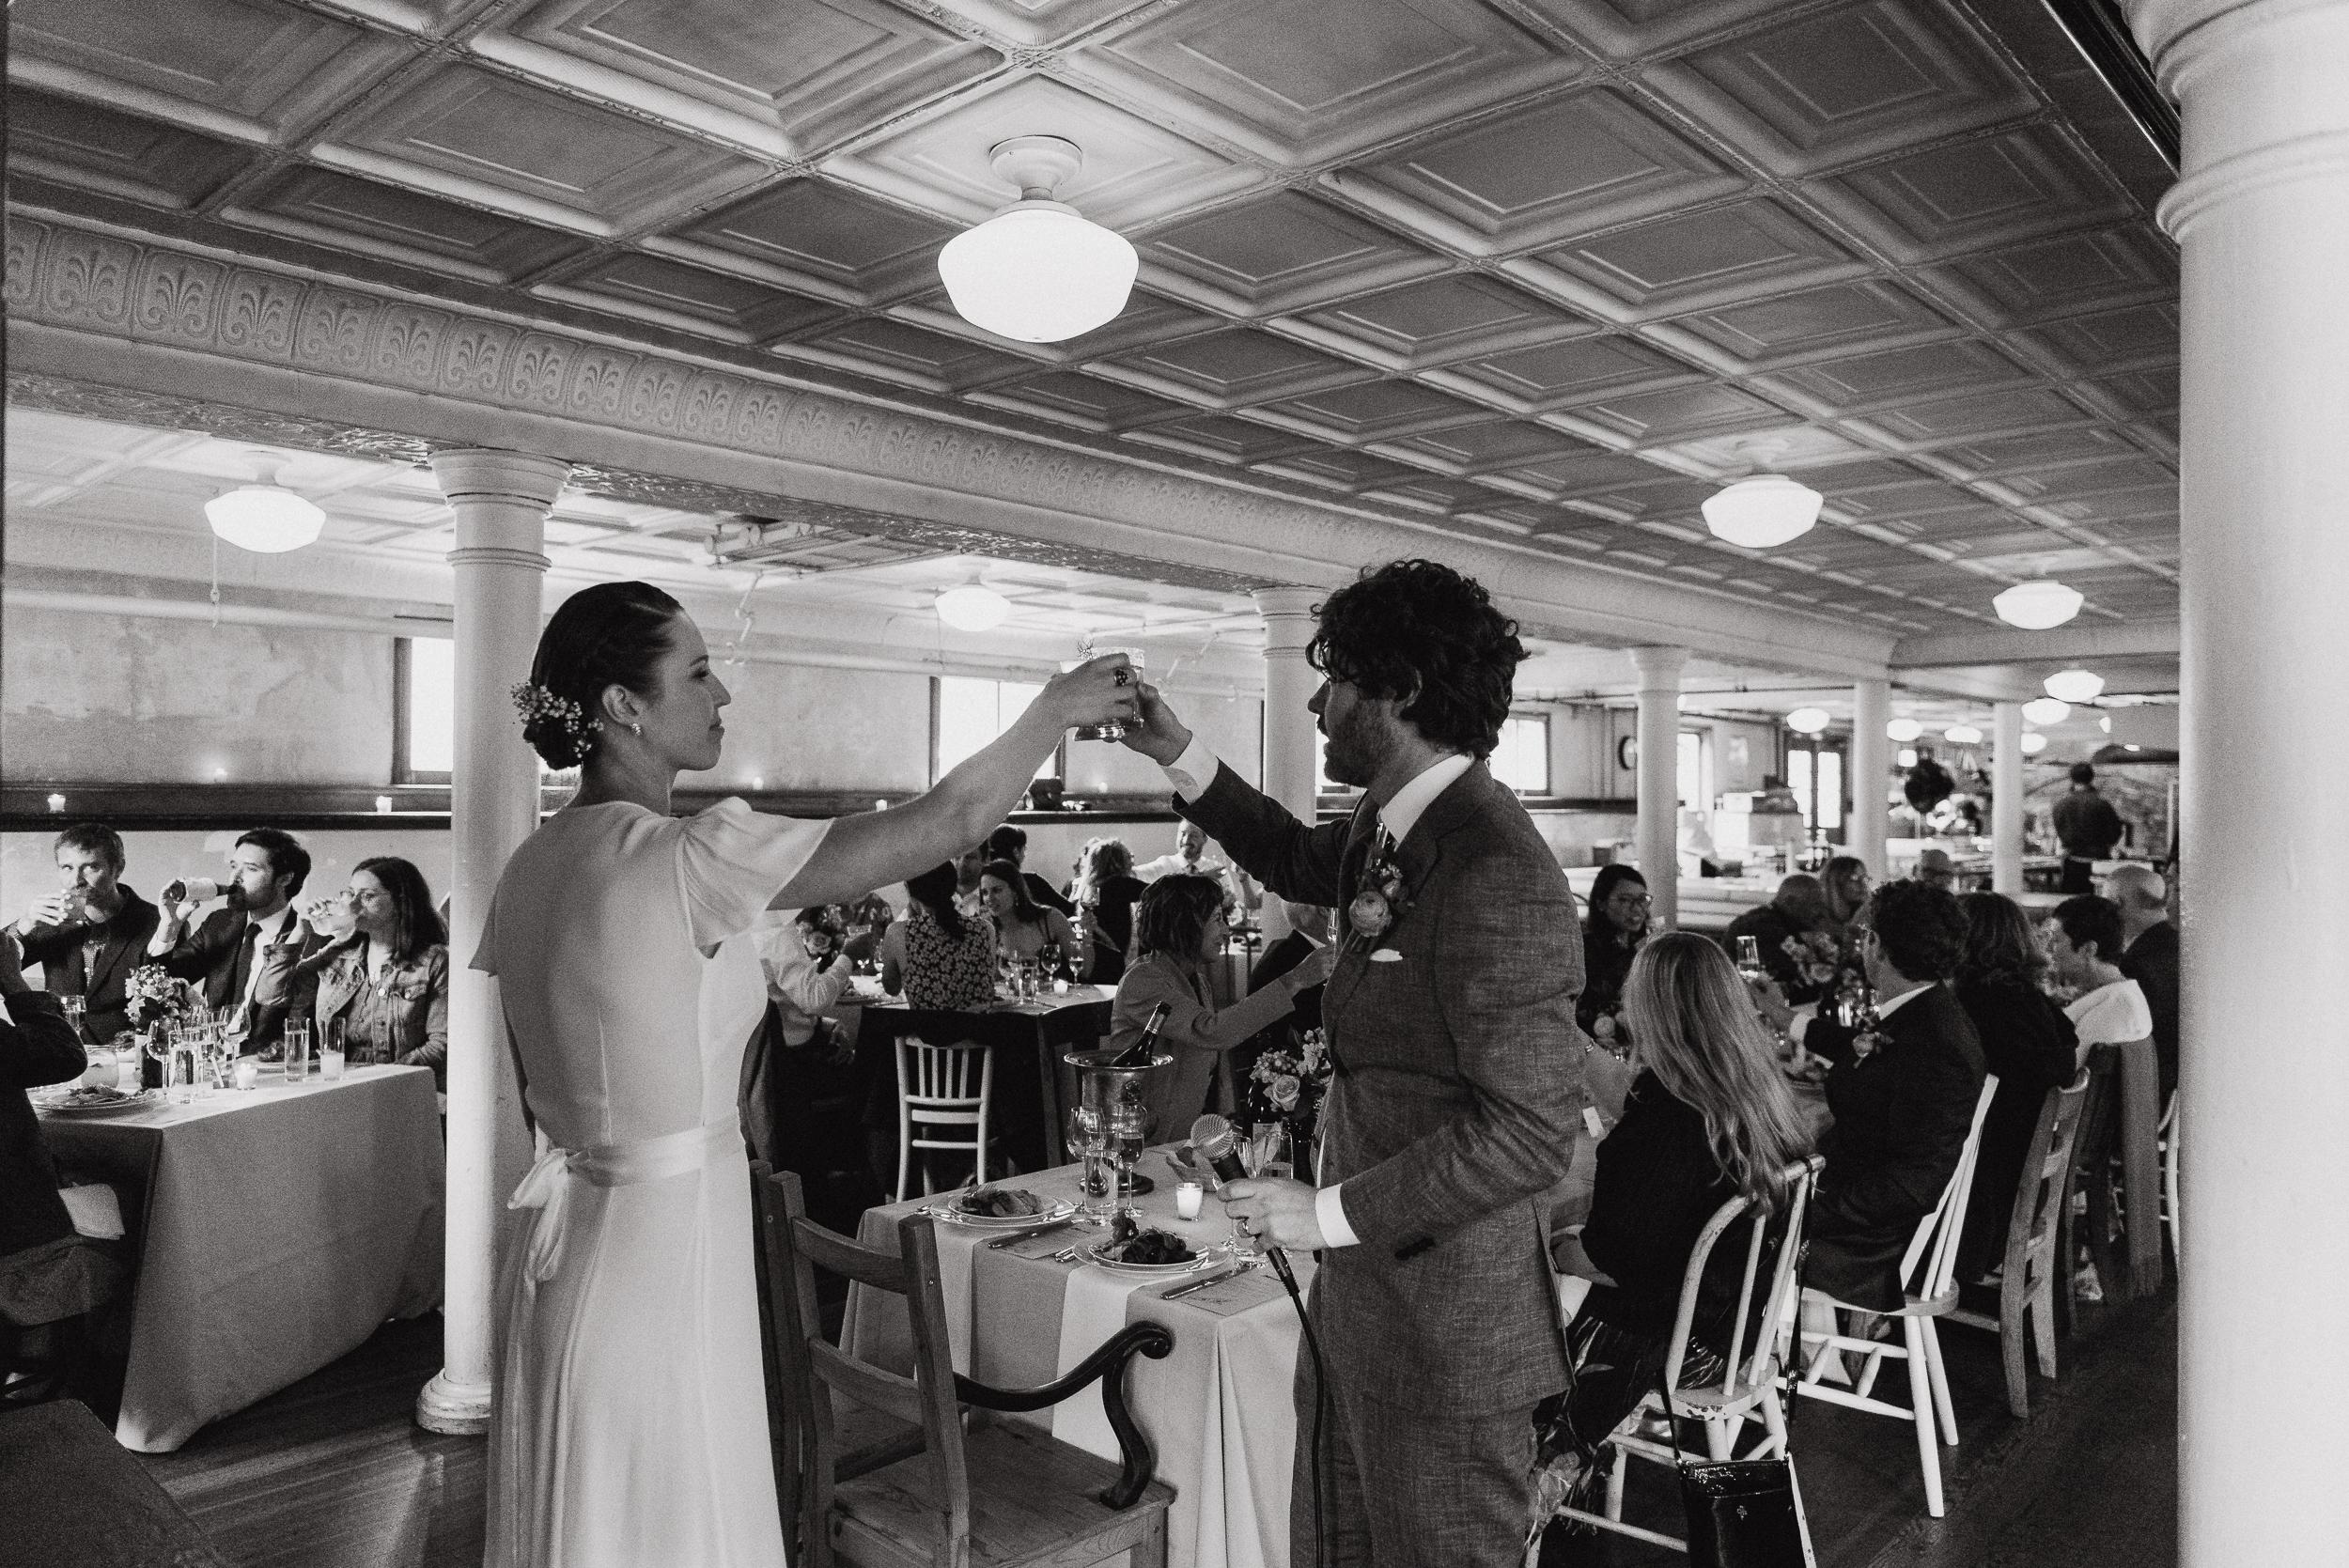 089-san-francisco-headlands-center-for-the-arts-wedding-vivianchen-486.jpg